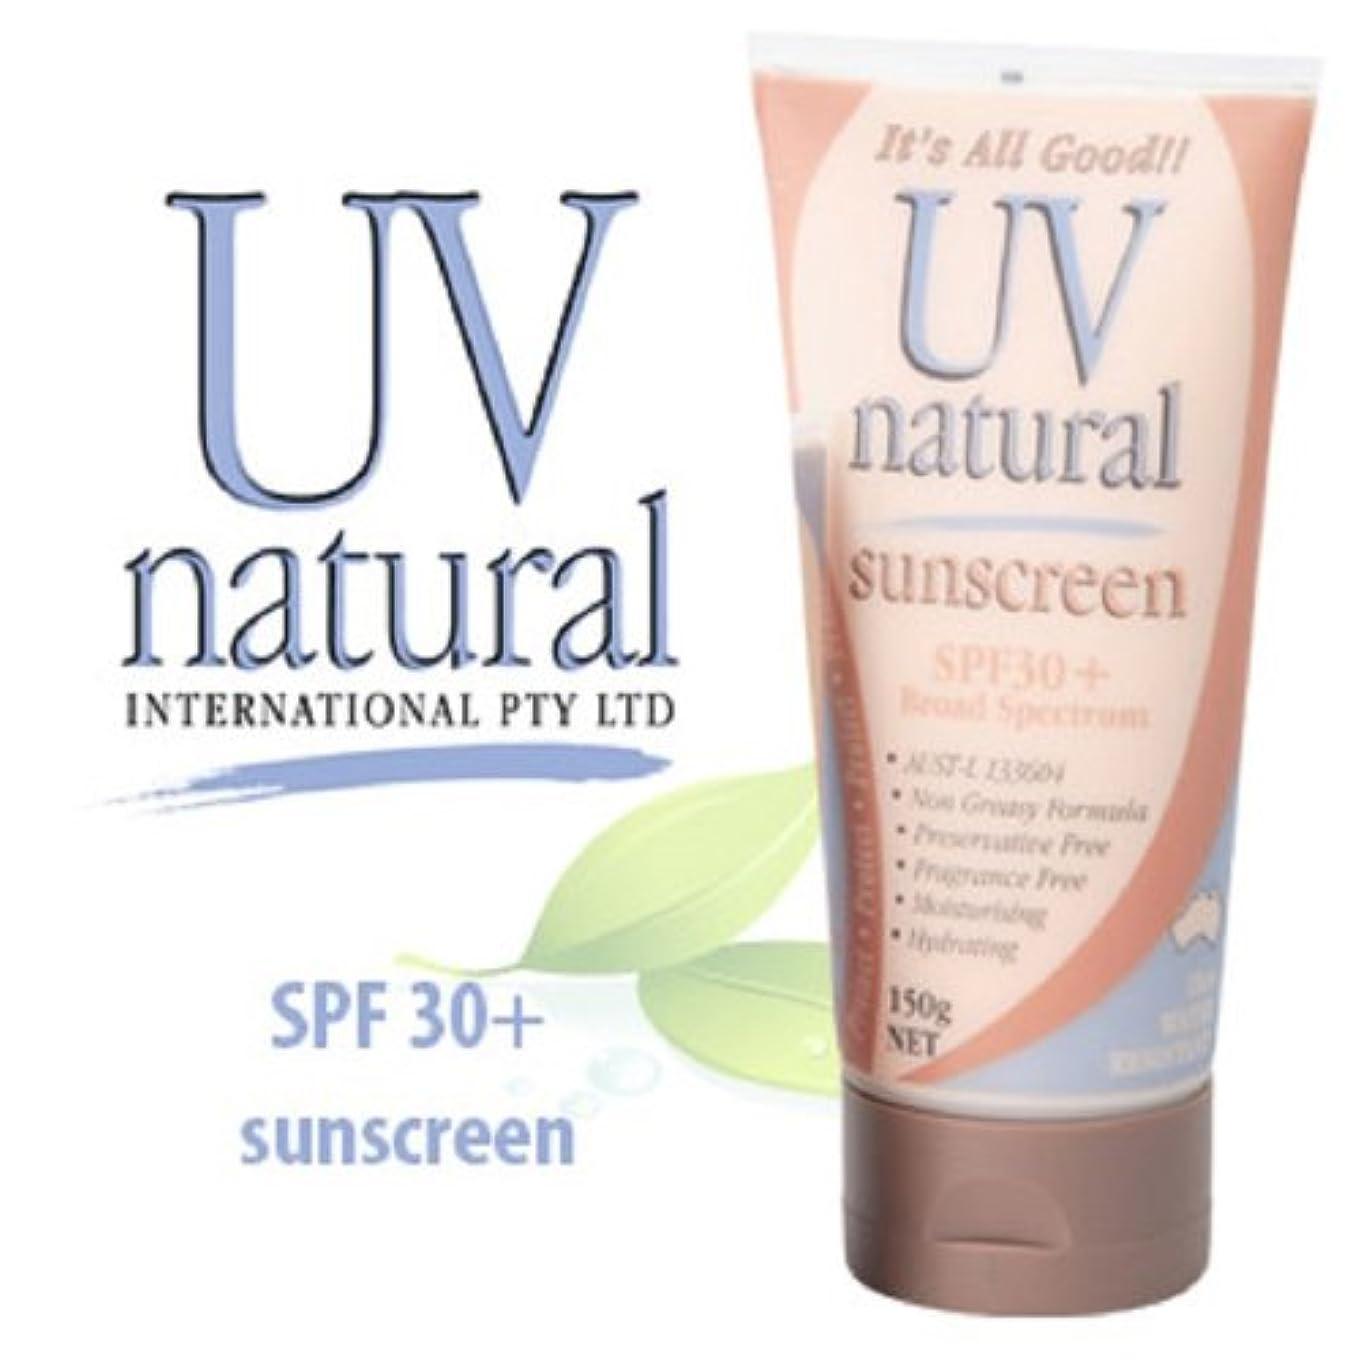 合理化ロック解除転倒【UV NATURAL】日焼け止め Natural SPF30+ 150g 3本セット